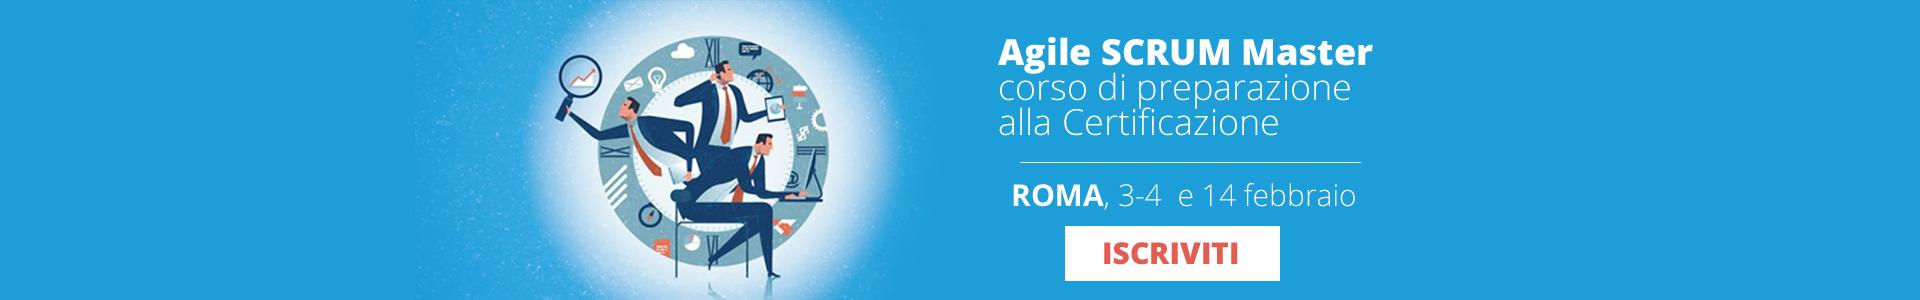 Corso Agile Scrum Master - Febbraio 2020 - Roma